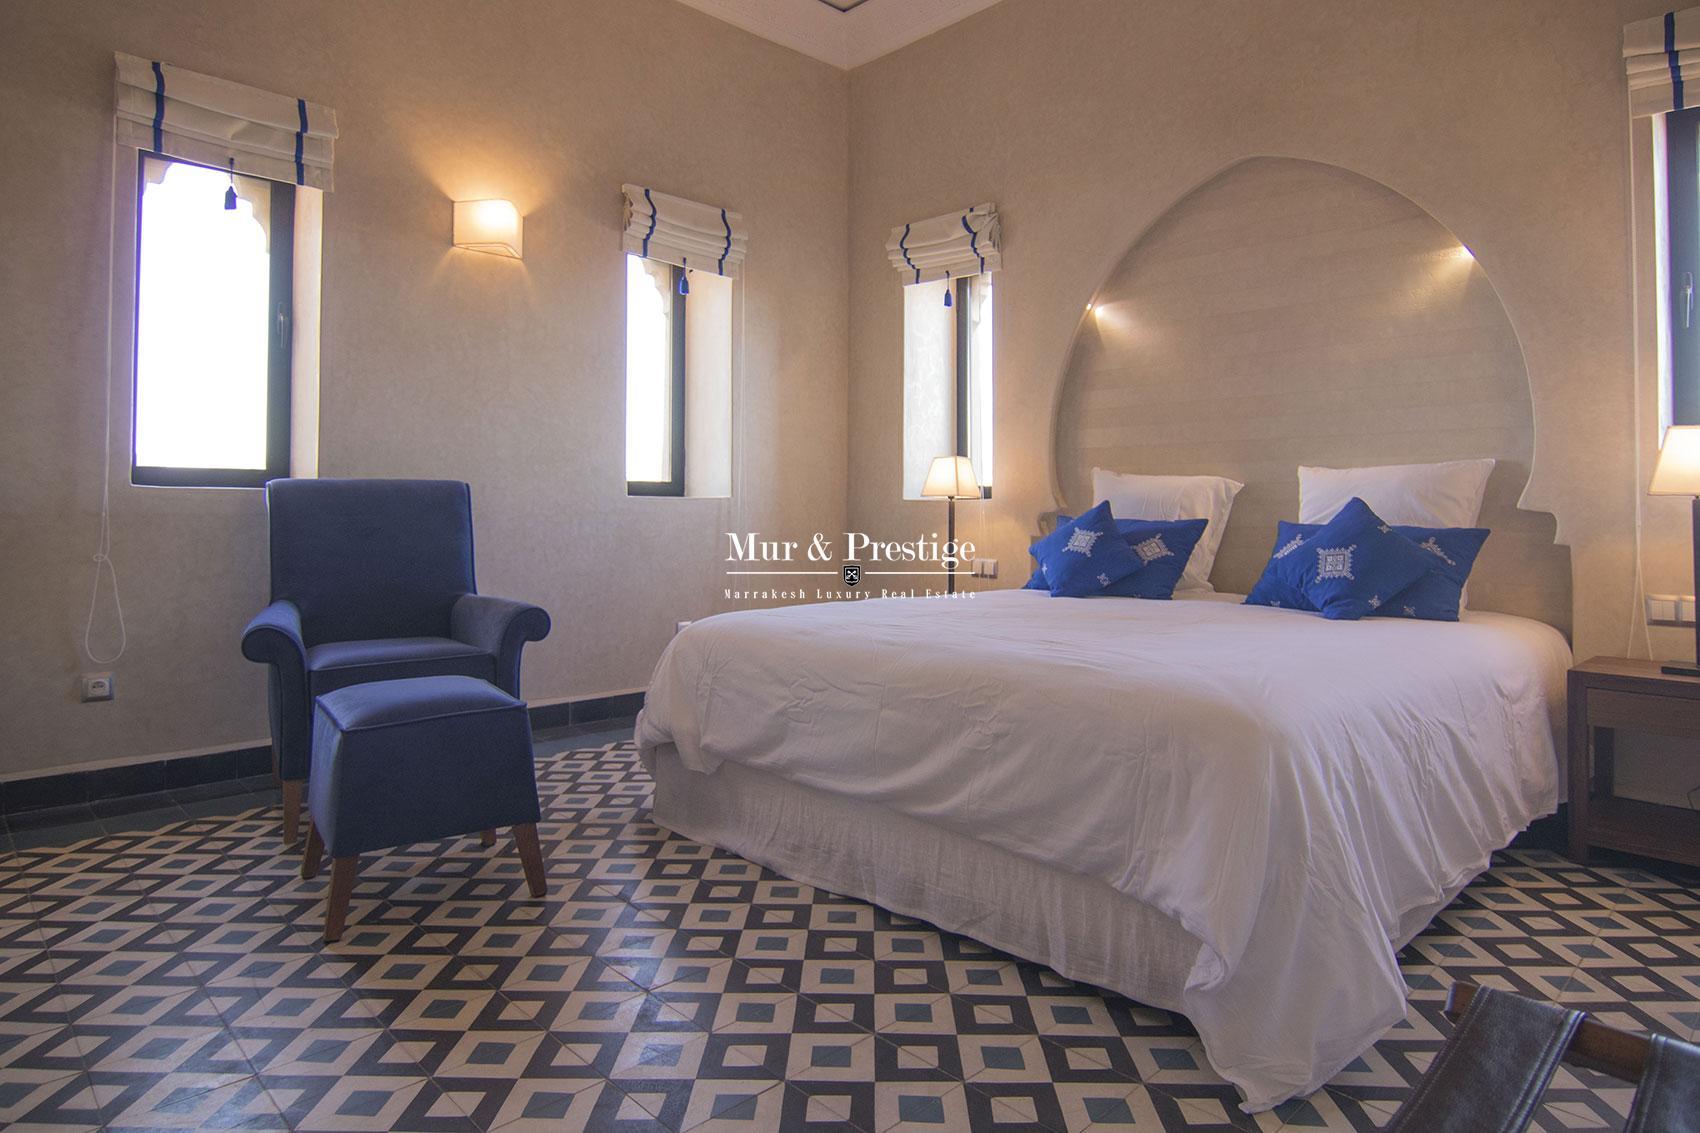 Propriete en vente au design marocain et moderne Marrakech